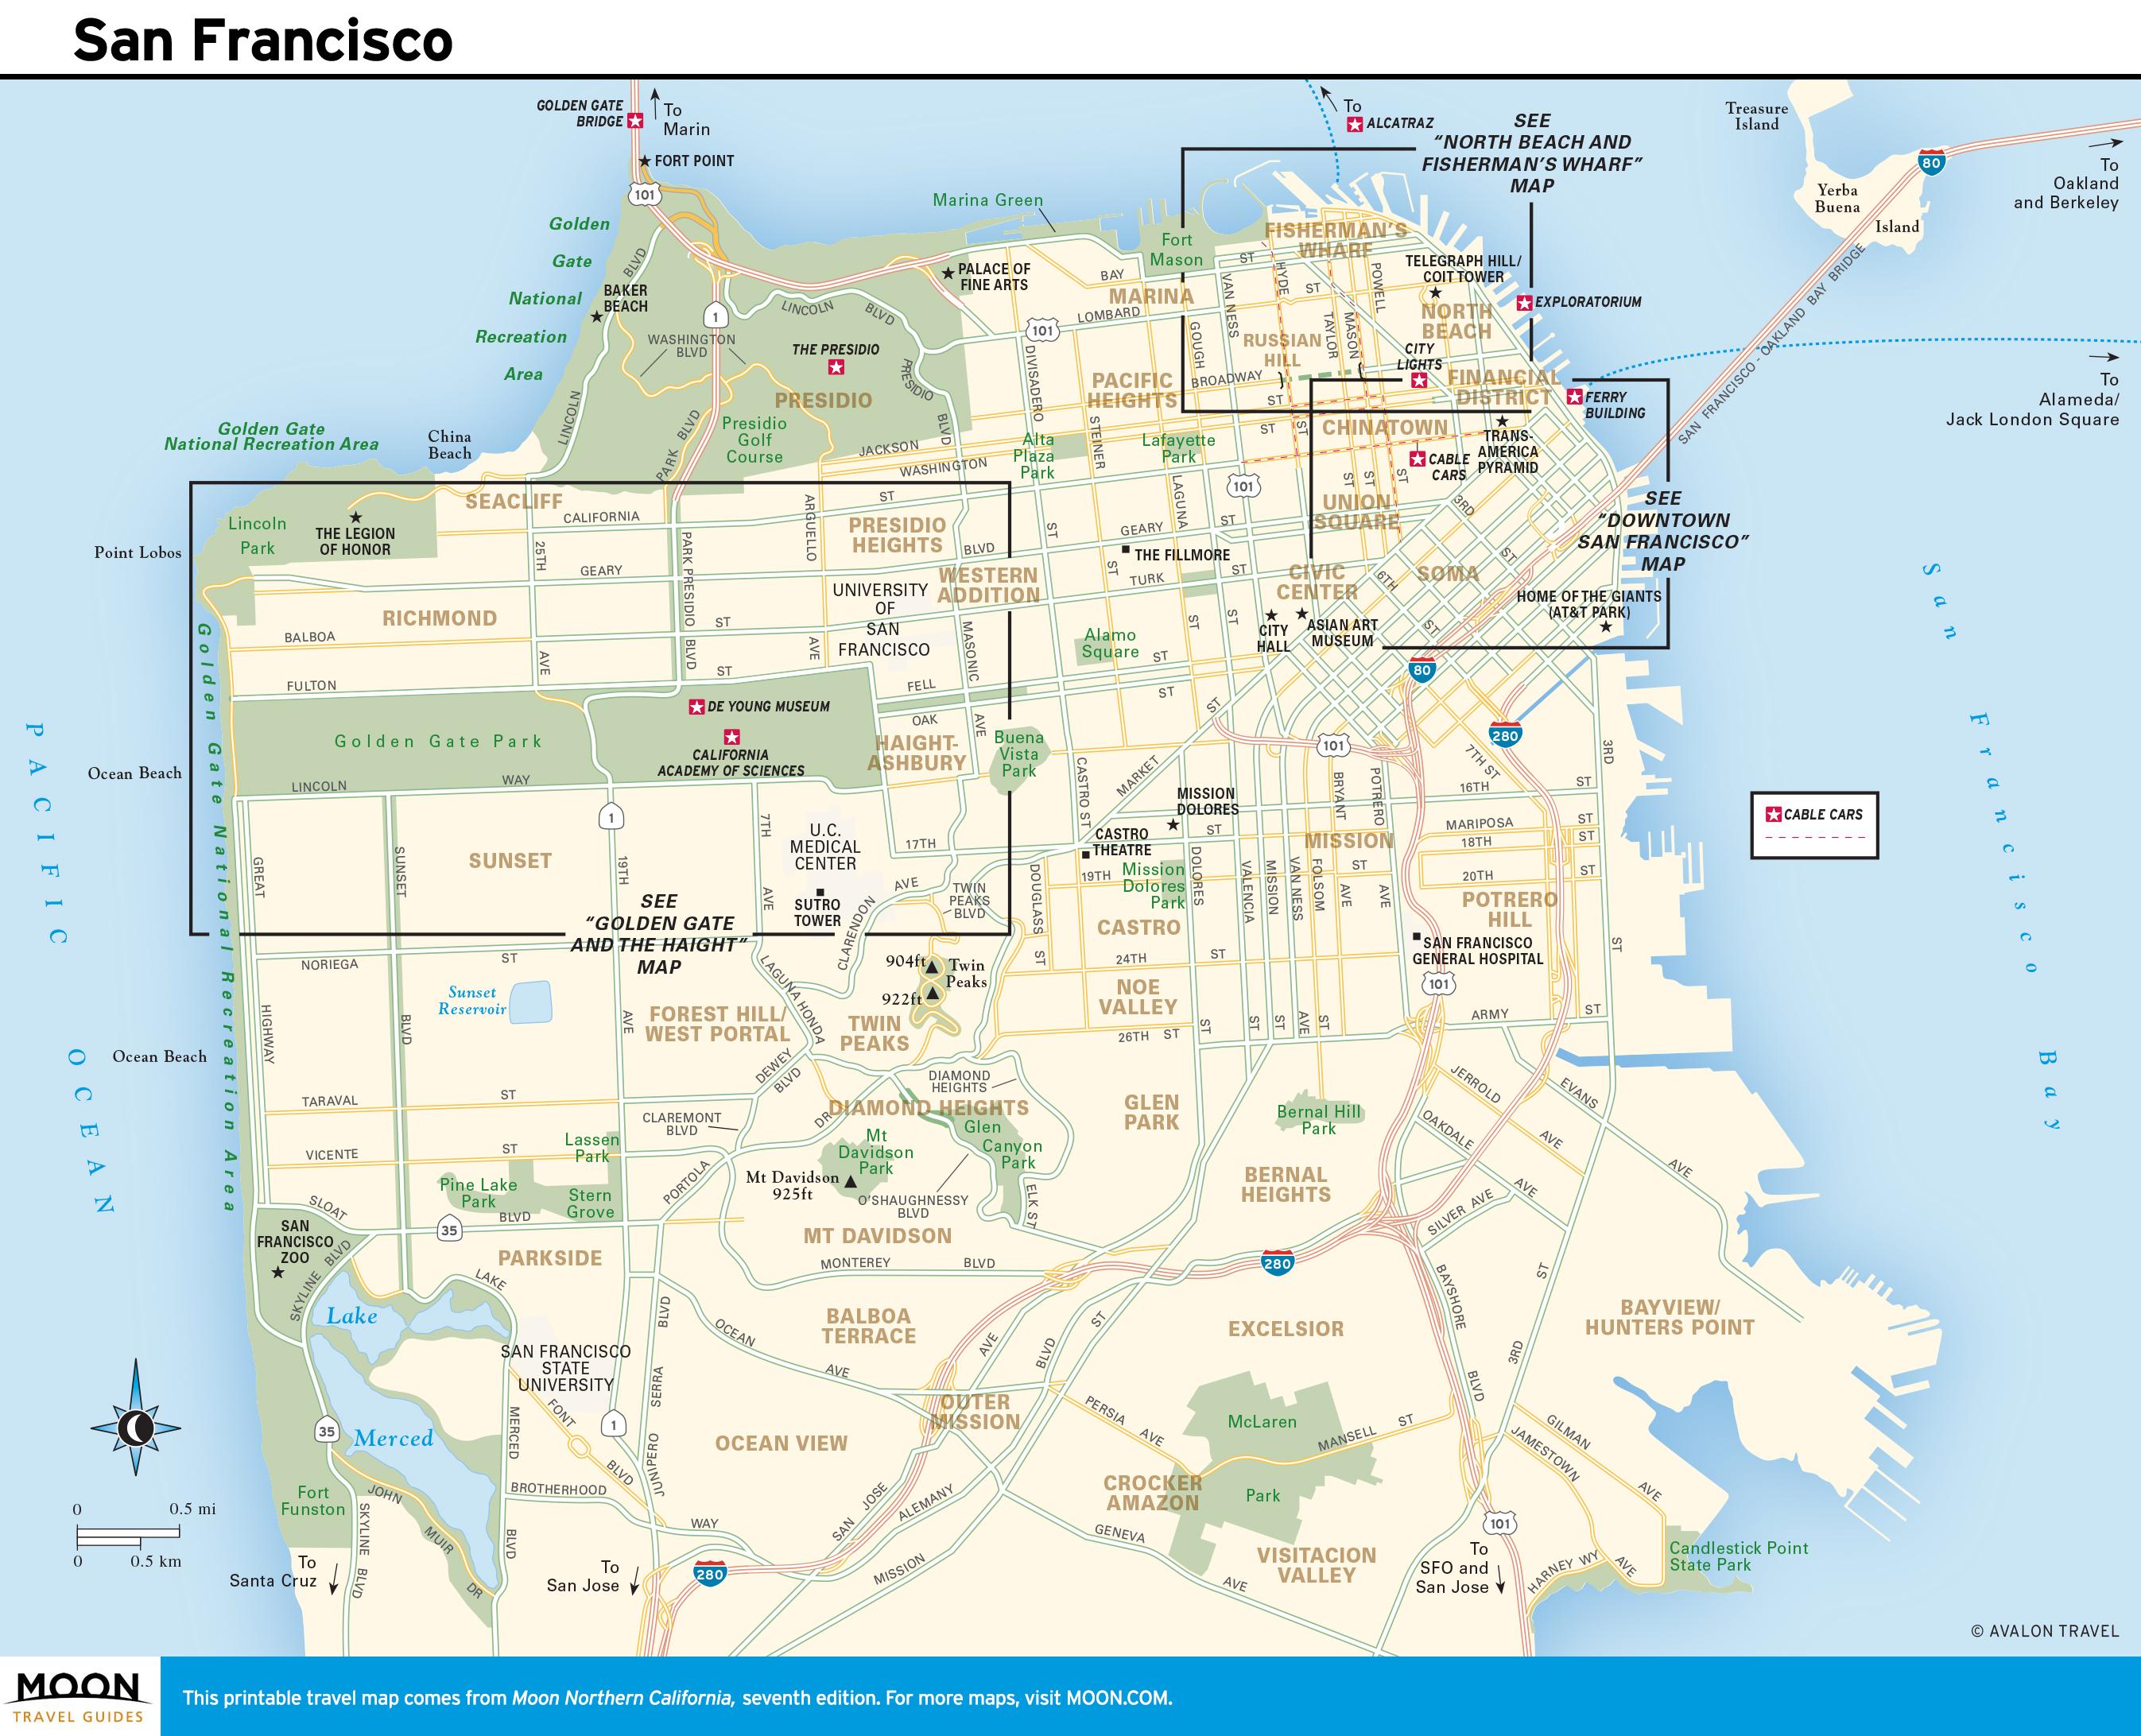 Acros Google Maps California Map Of California Coast North Of San - Map Of California Coast North Of San Francisco